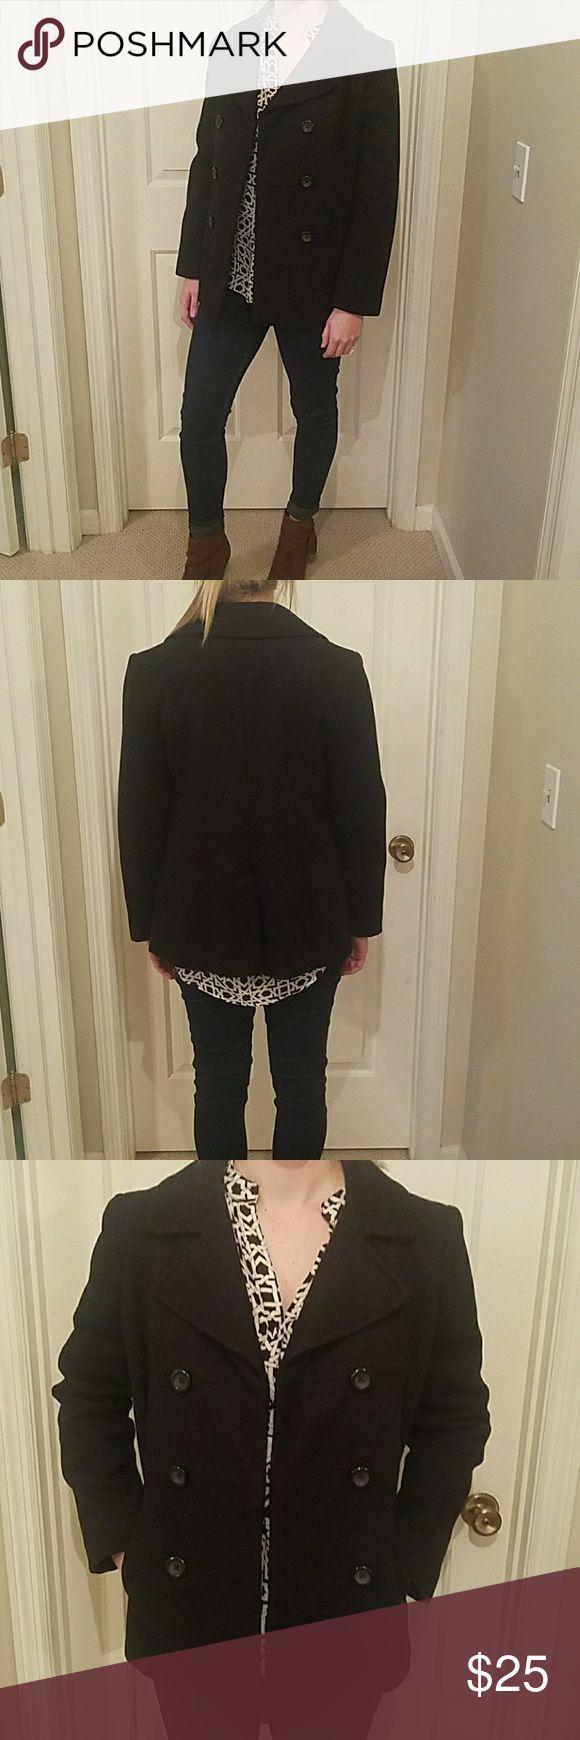 Black pea coat Gap black wool pea coat, women's M, teal satin liner GAP Jackets & Coats Pea Coats